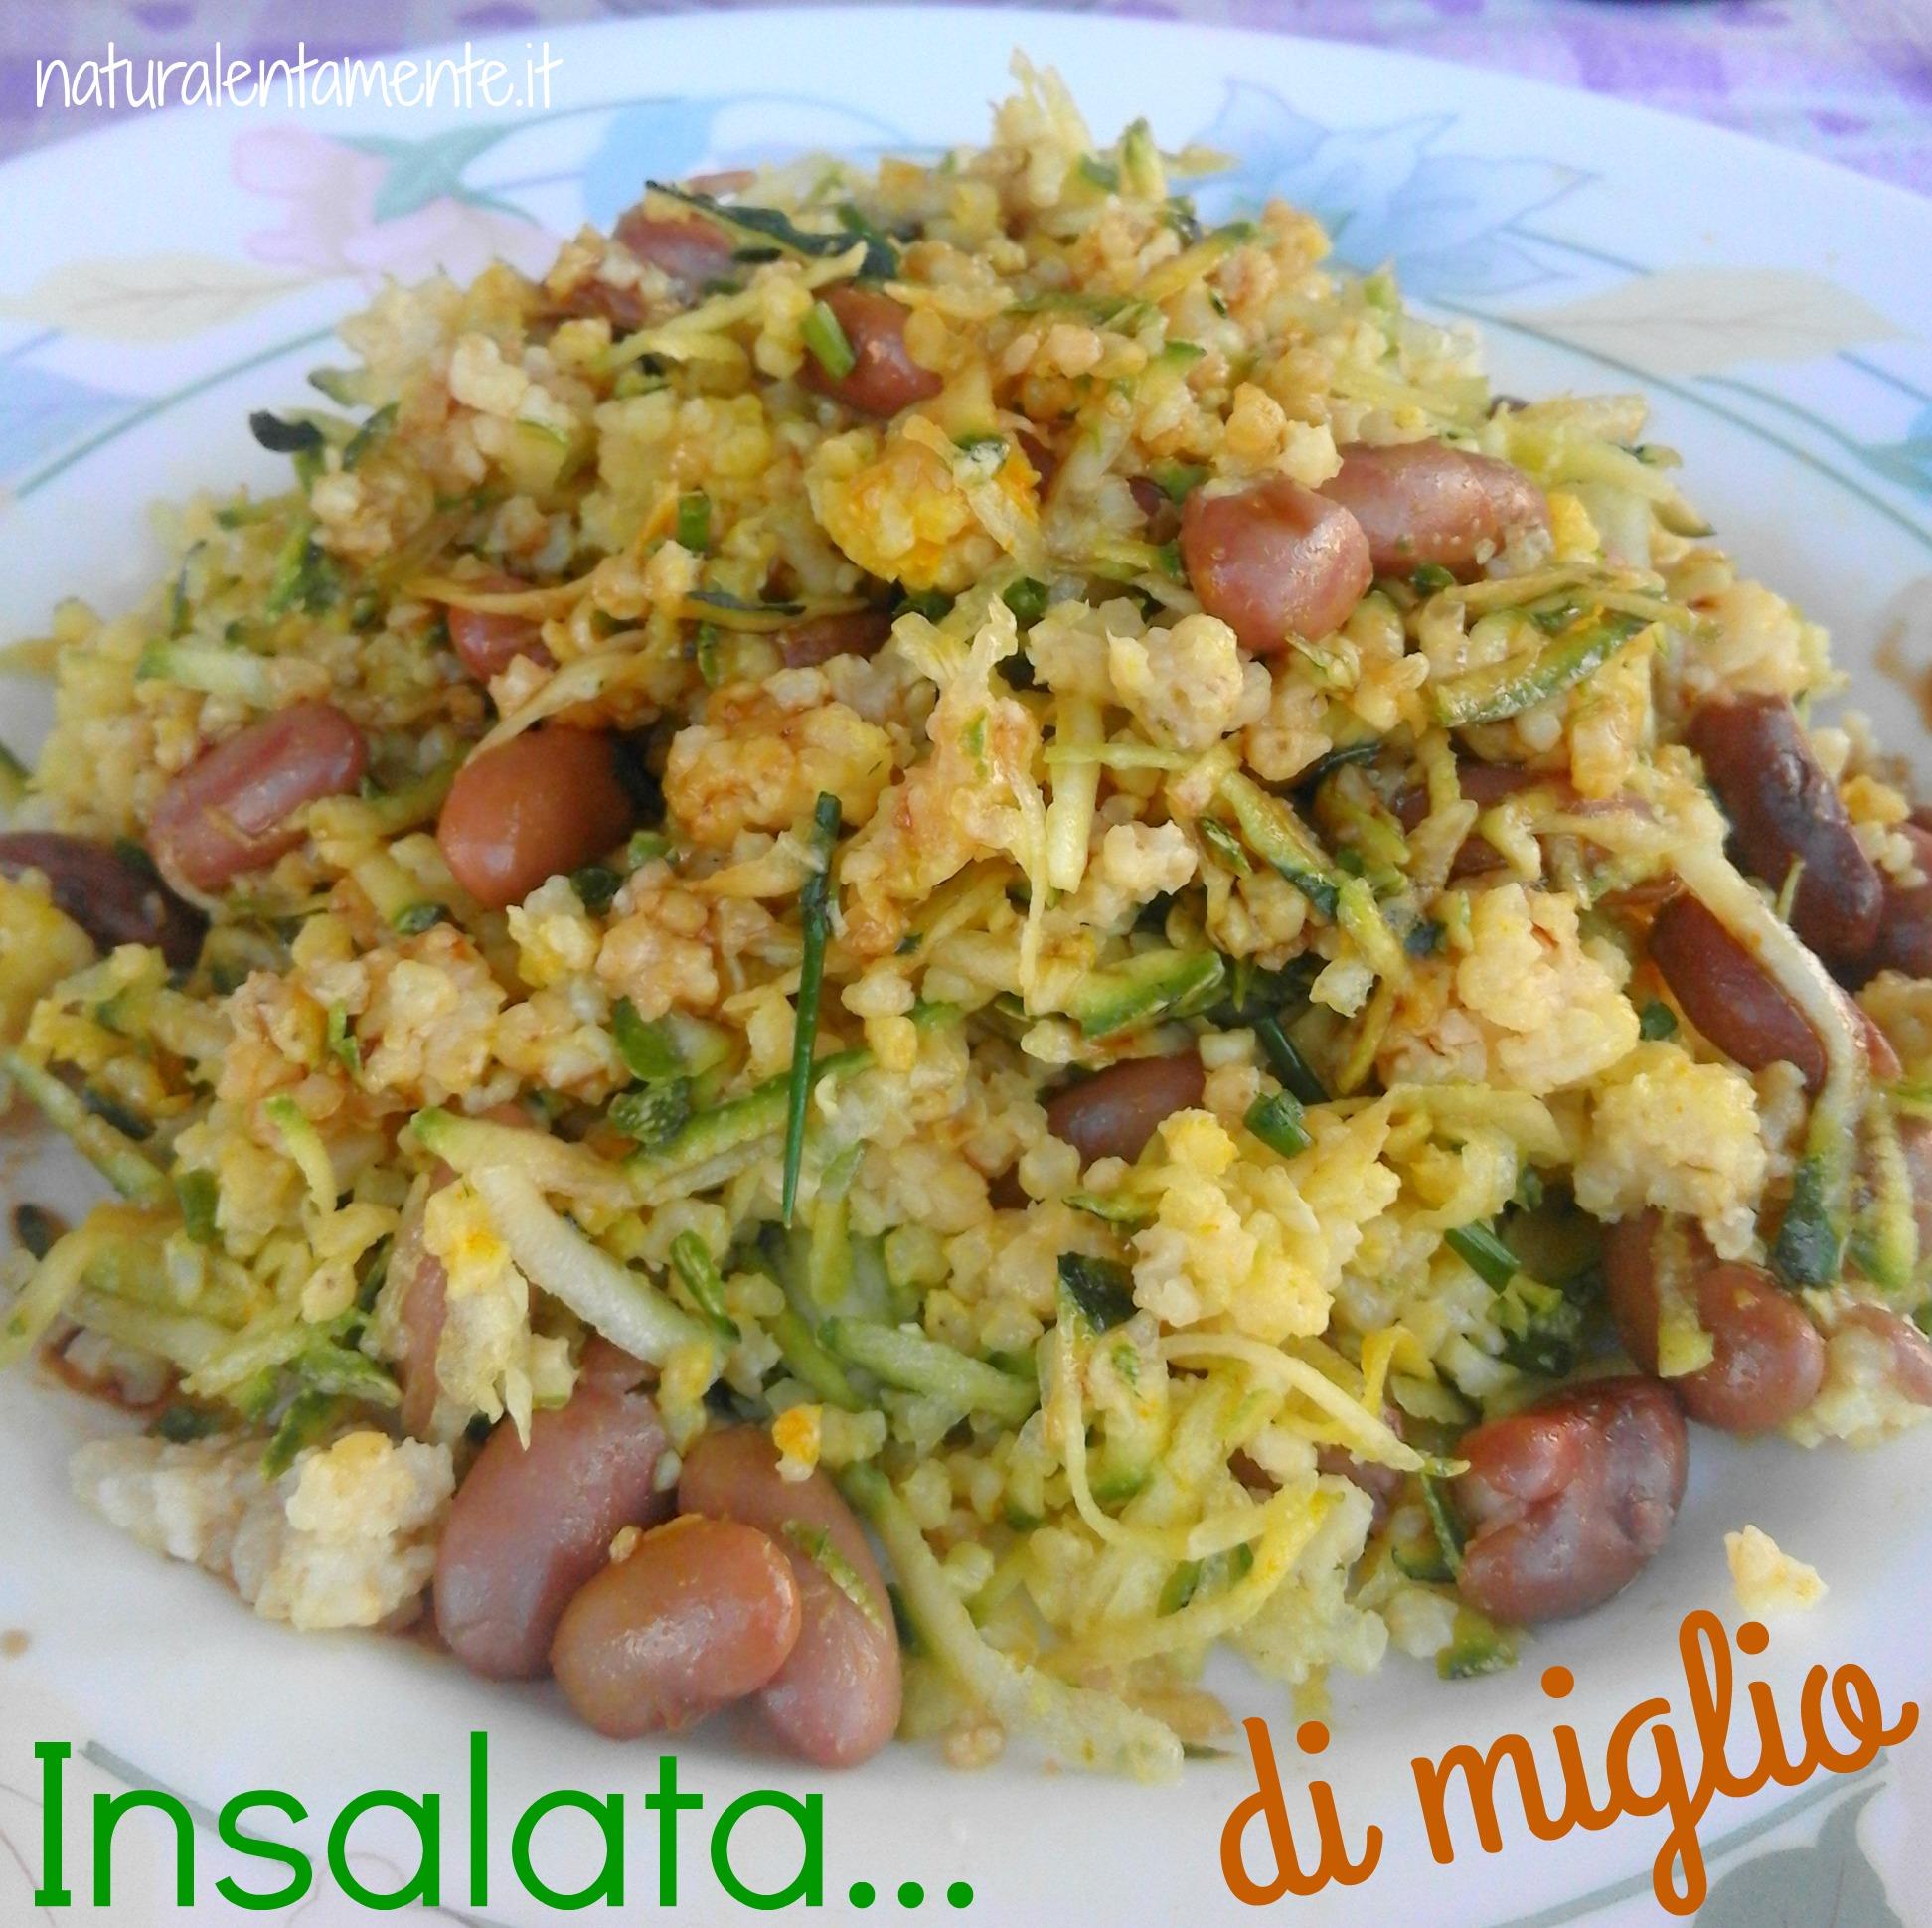 insalata di miglio 2